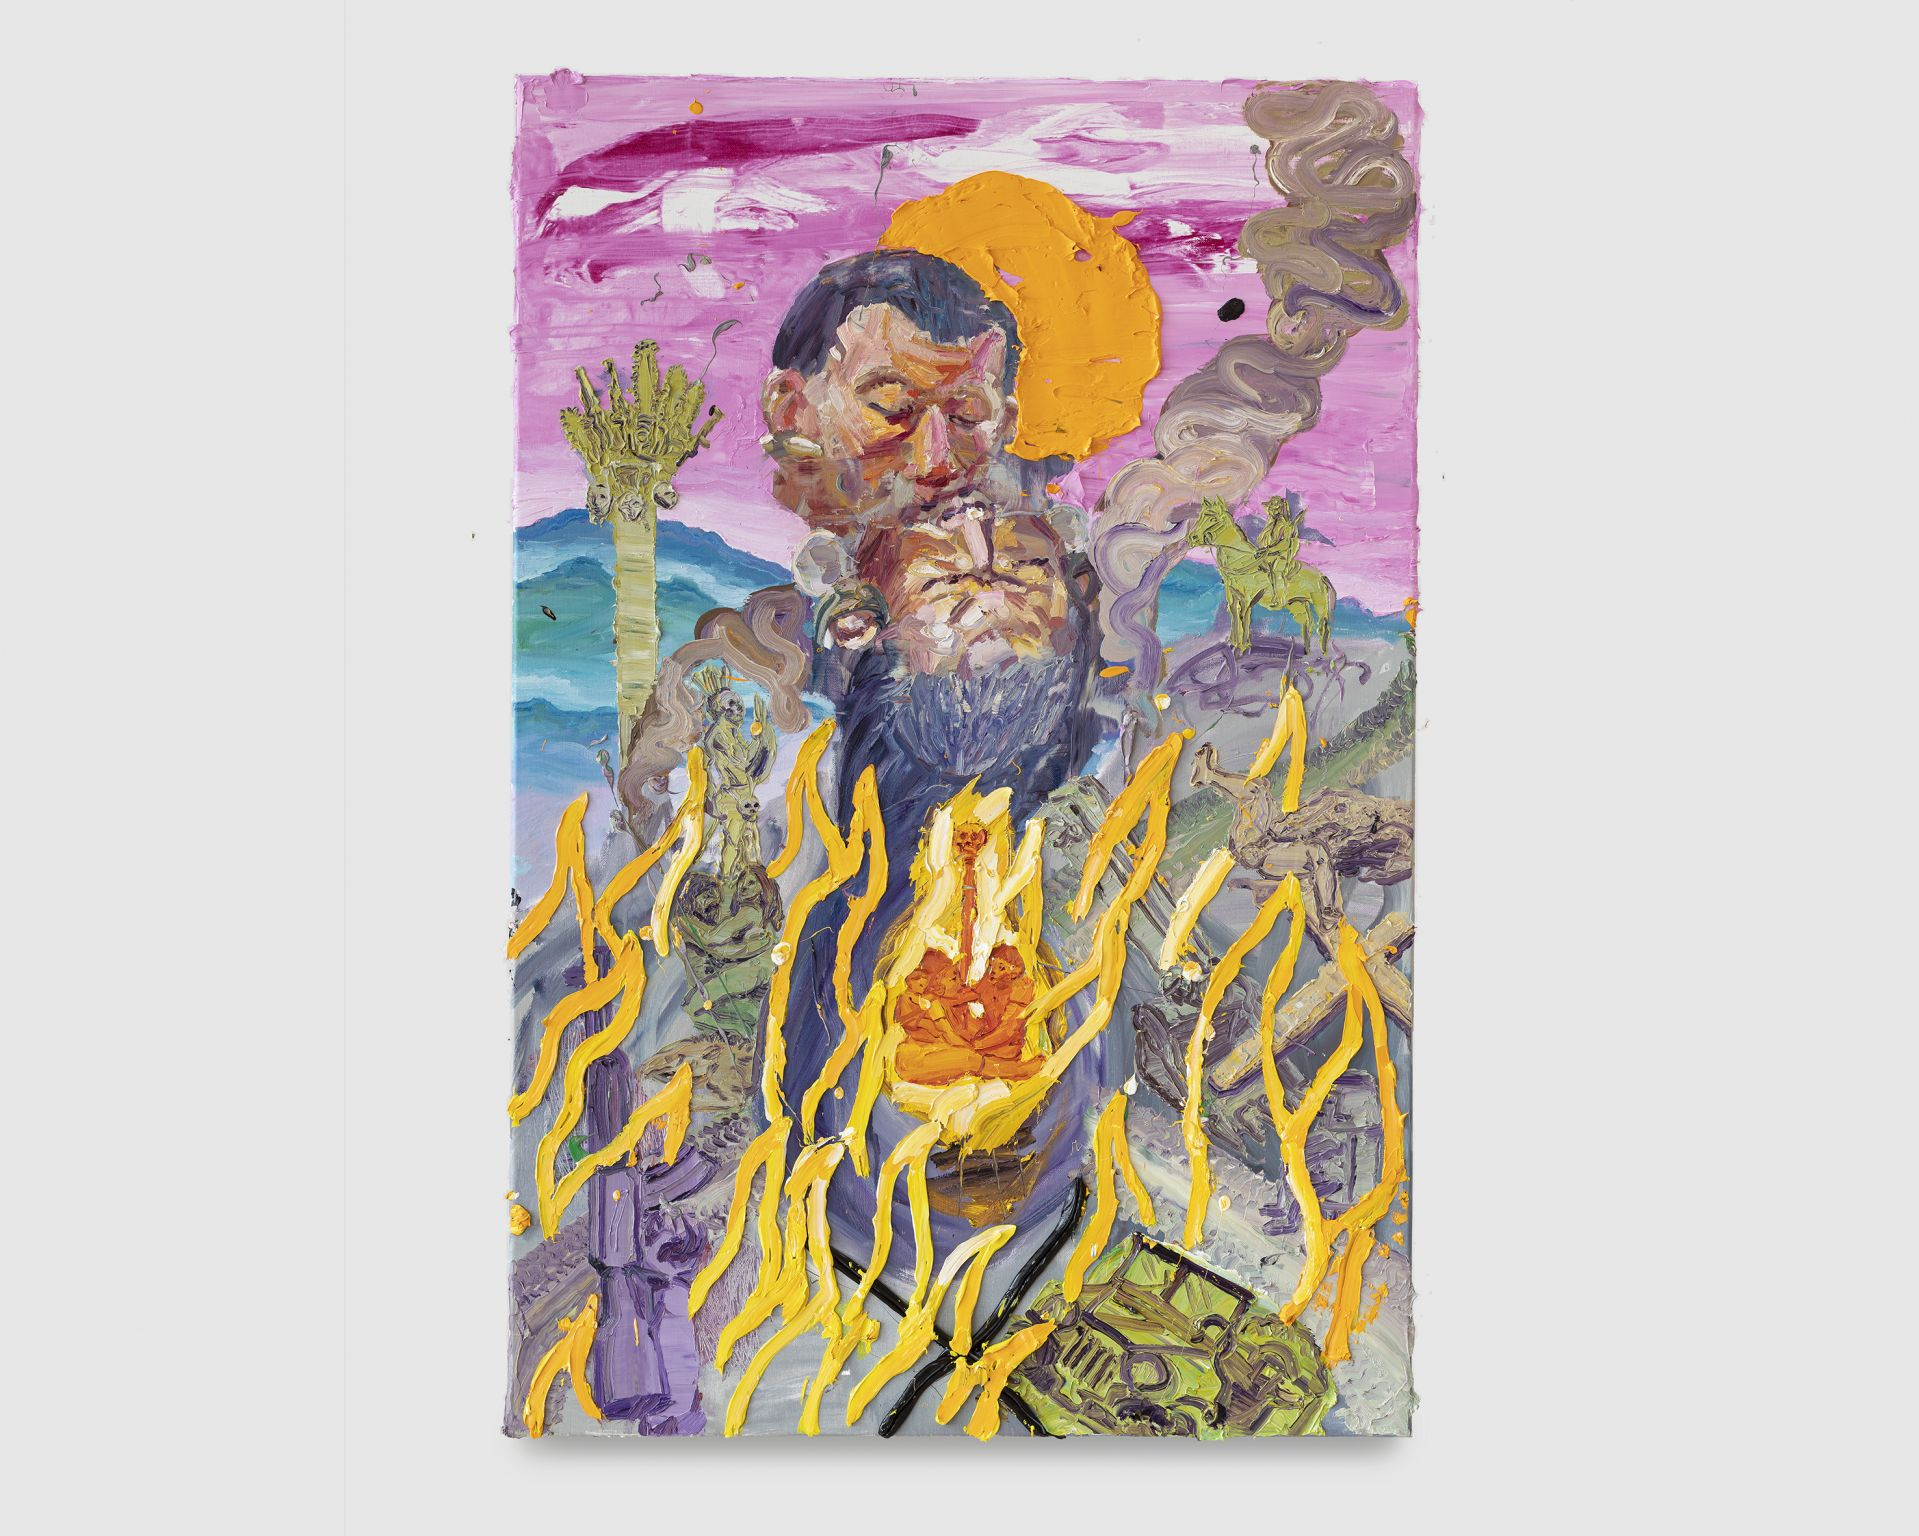 Beijo sob chamas (2019) - Thiago Martins de Melo